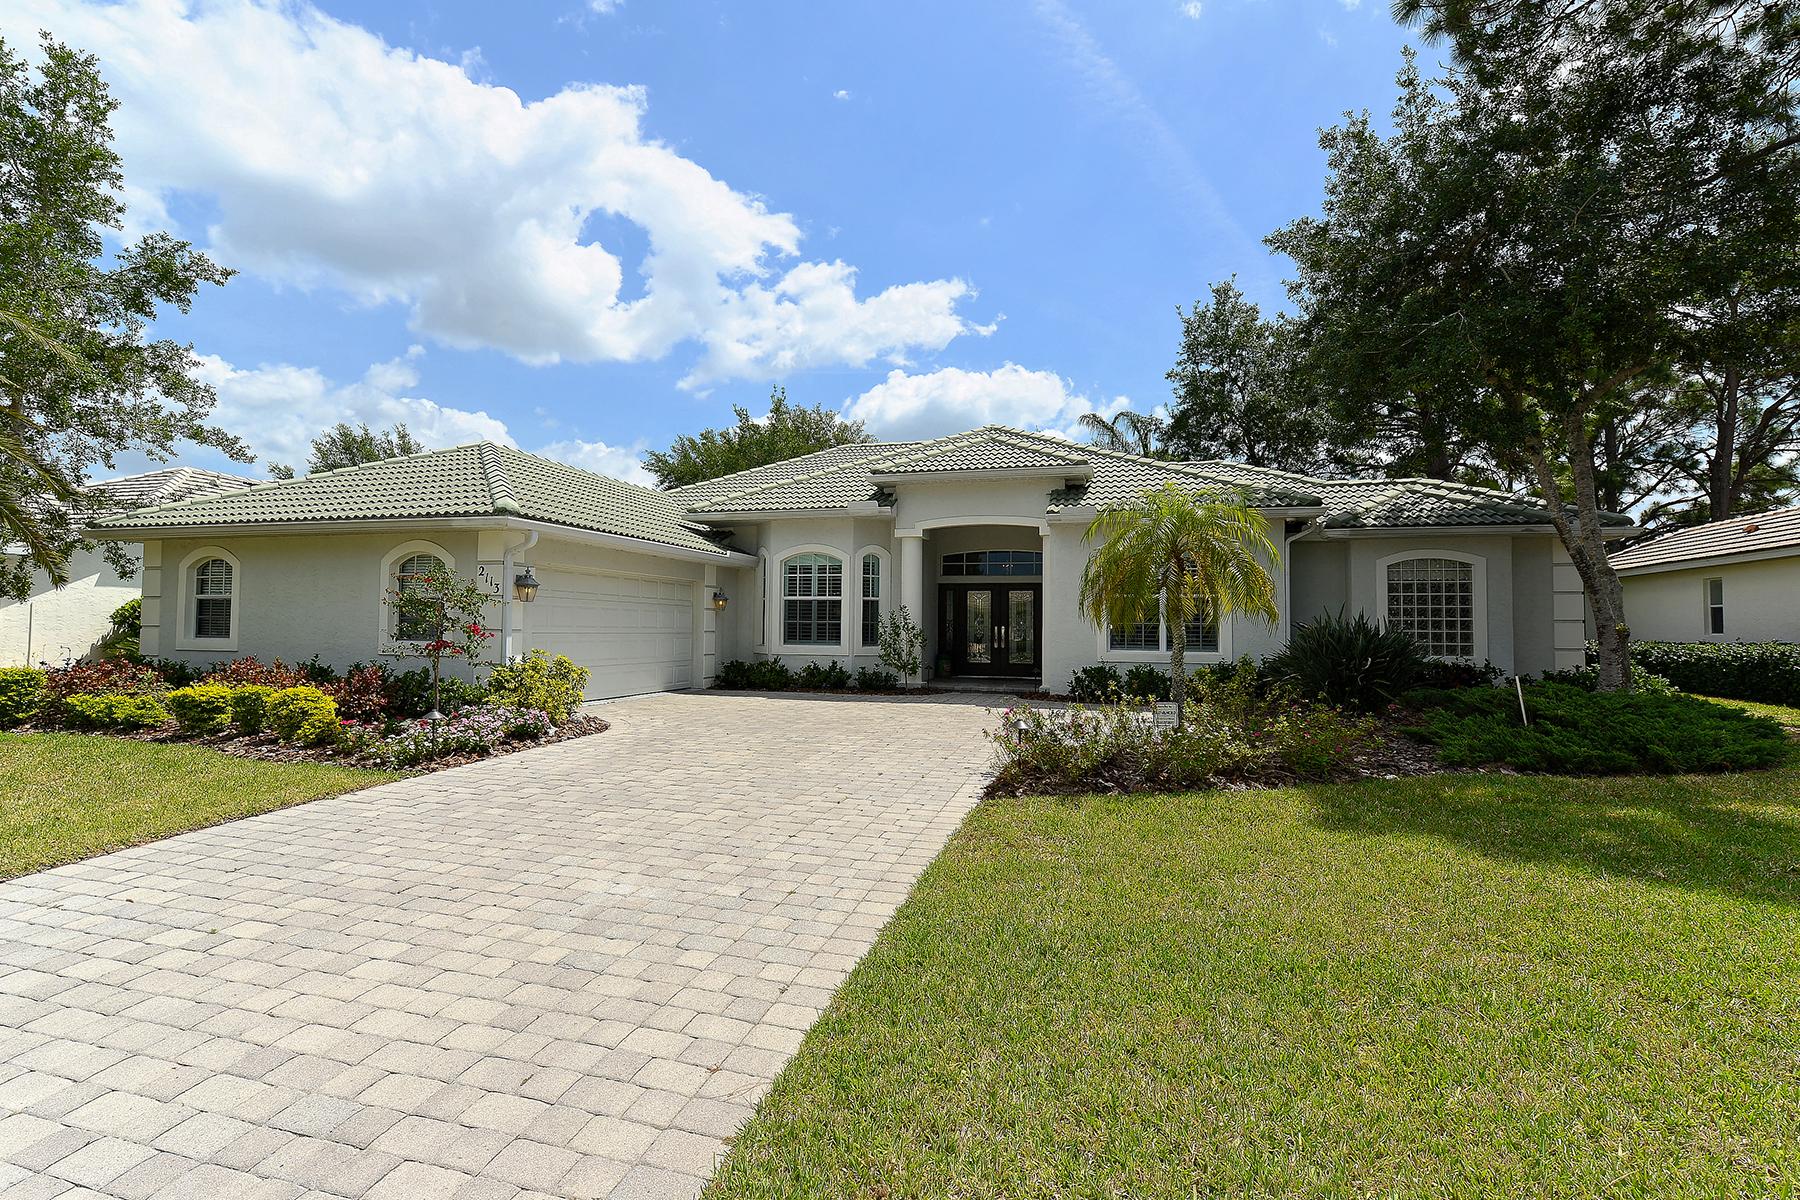 Casa Unifamiliar por un Venta en CALUSA LAKES 2113 Muskogee Trl Nokomis, Florida, 34275 Estados Unidos